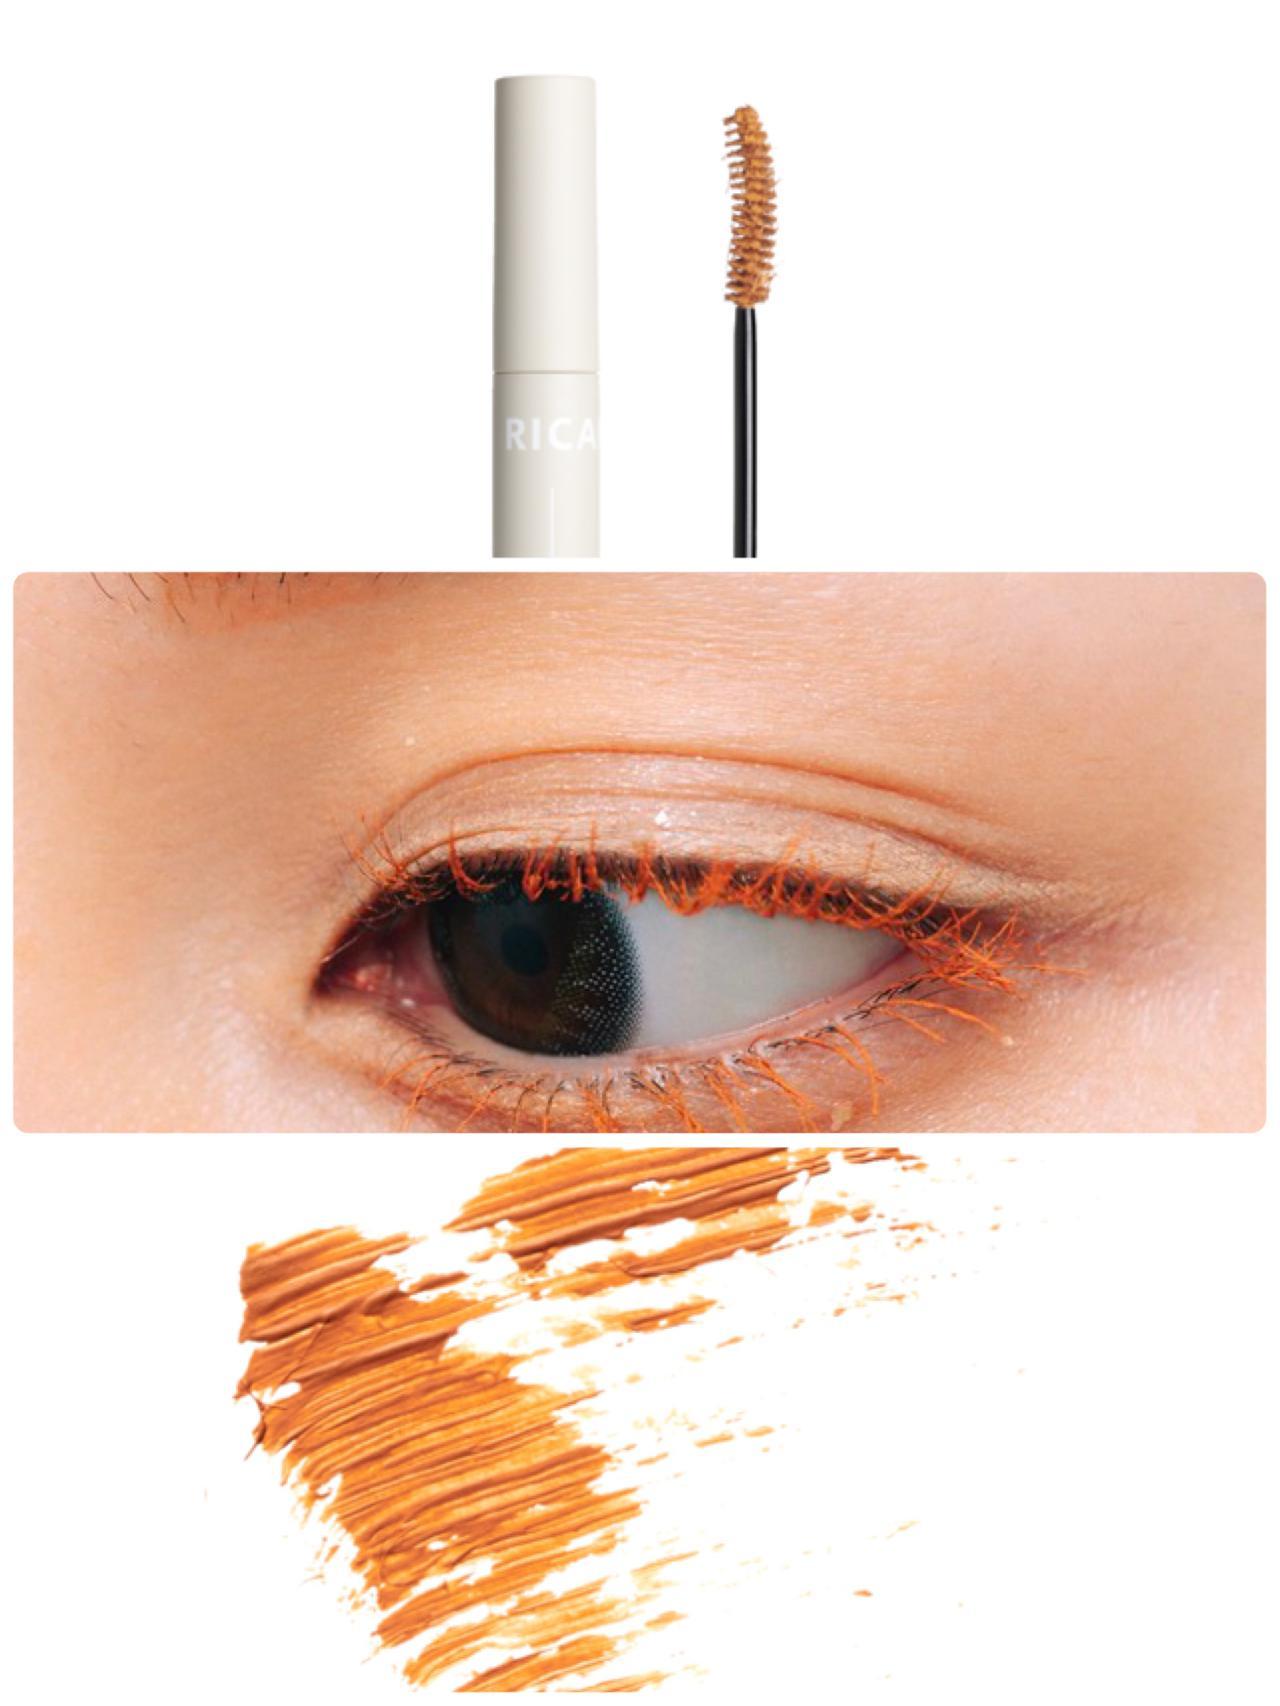 画像: 03 カボチャーム ニュアンスのある今どきな目元を演出。こなれオレンジ。 ricafrosh.com